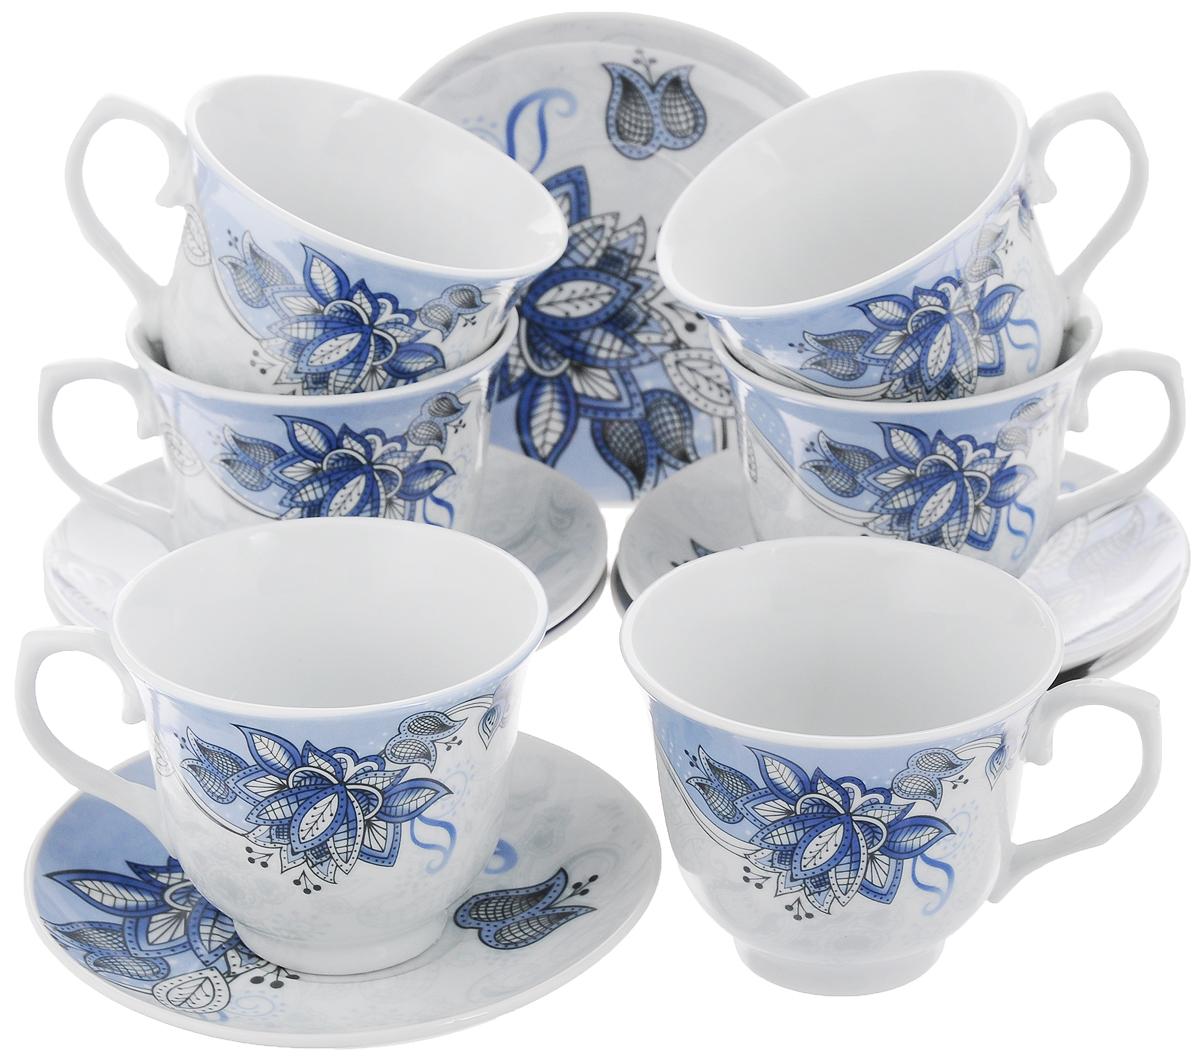 Набор чайный Loraine, 12 предметов. 2578524239Чайный набор Loraine состоит из 6 чашек и 6 блюдец.Изделия выполнены из высококачественного костяного фарфора иоформлены ярким рисунком.Такой набор изящно дополнит сервировку стола к чаепитию.Благодаря оригинальному дизайну и качеству исполнения он станетзамечательным подарком для ваших друзей и близких.Набор упакован в подарочную коробку, задрапированную белойатласной тканью.Объем чашки: 220 мл.Диаметр чашки по верхнему краю: 9 см.Высота чашки: 7,5 см.Диаметр блюдца: 13,2 см. Высота блюдца: 2,2 см.